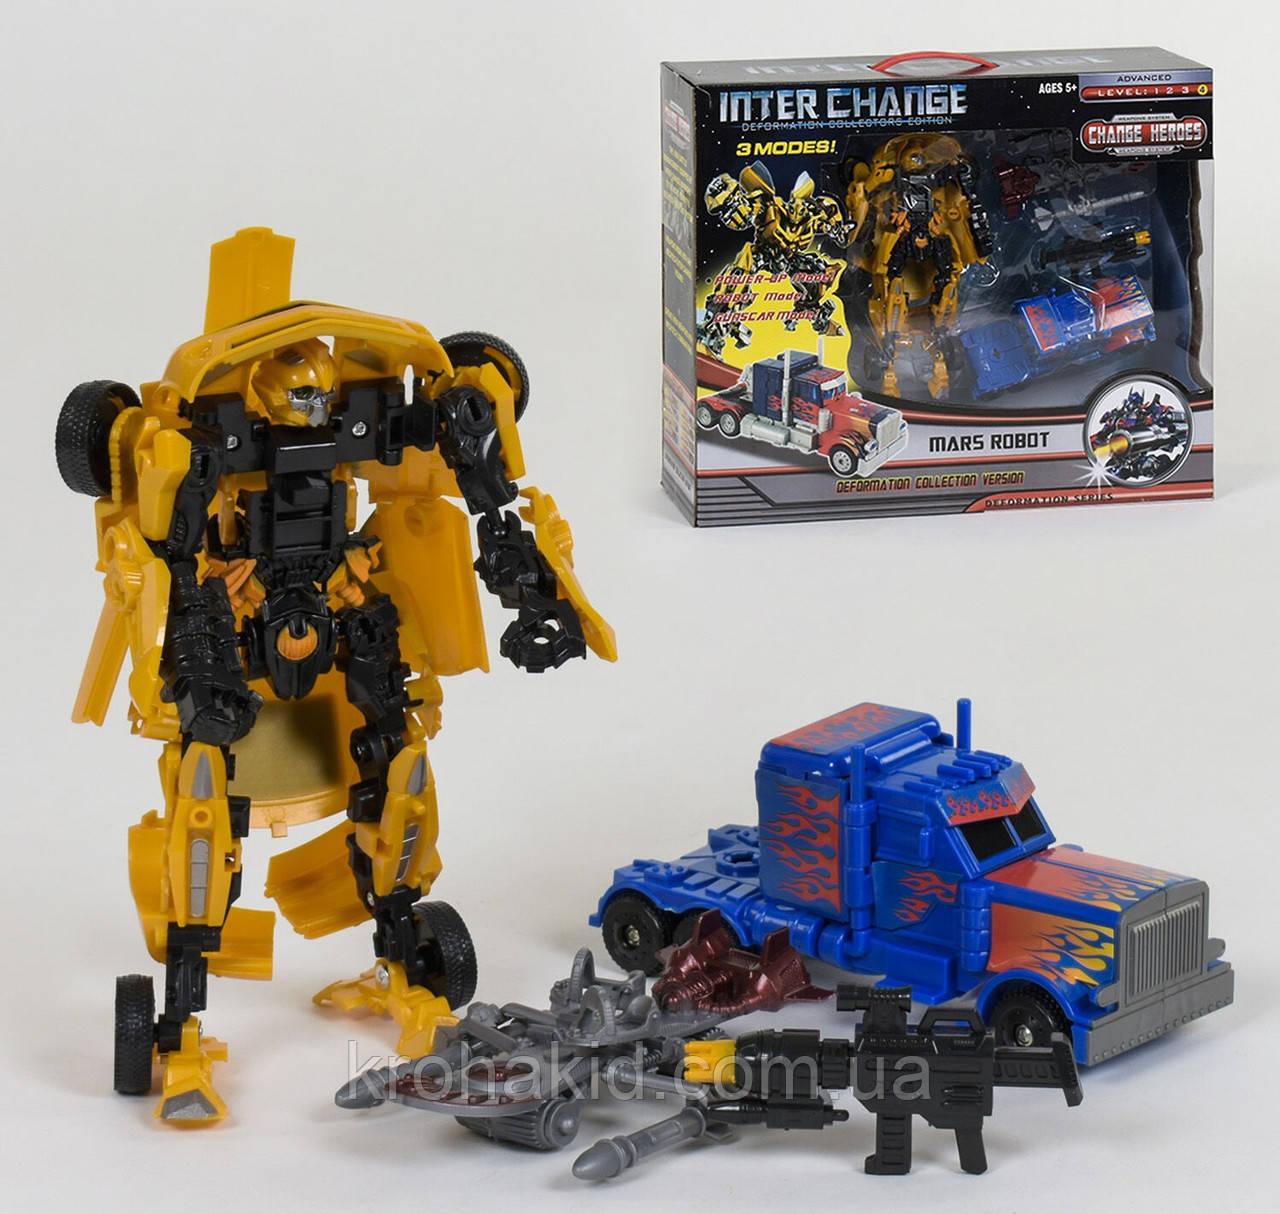 Игровой набор 2 в 1 Трансформеры Бамблби и Оптимус Прайм с аксессуарами / Bumblebee, Optimus Prime 4096